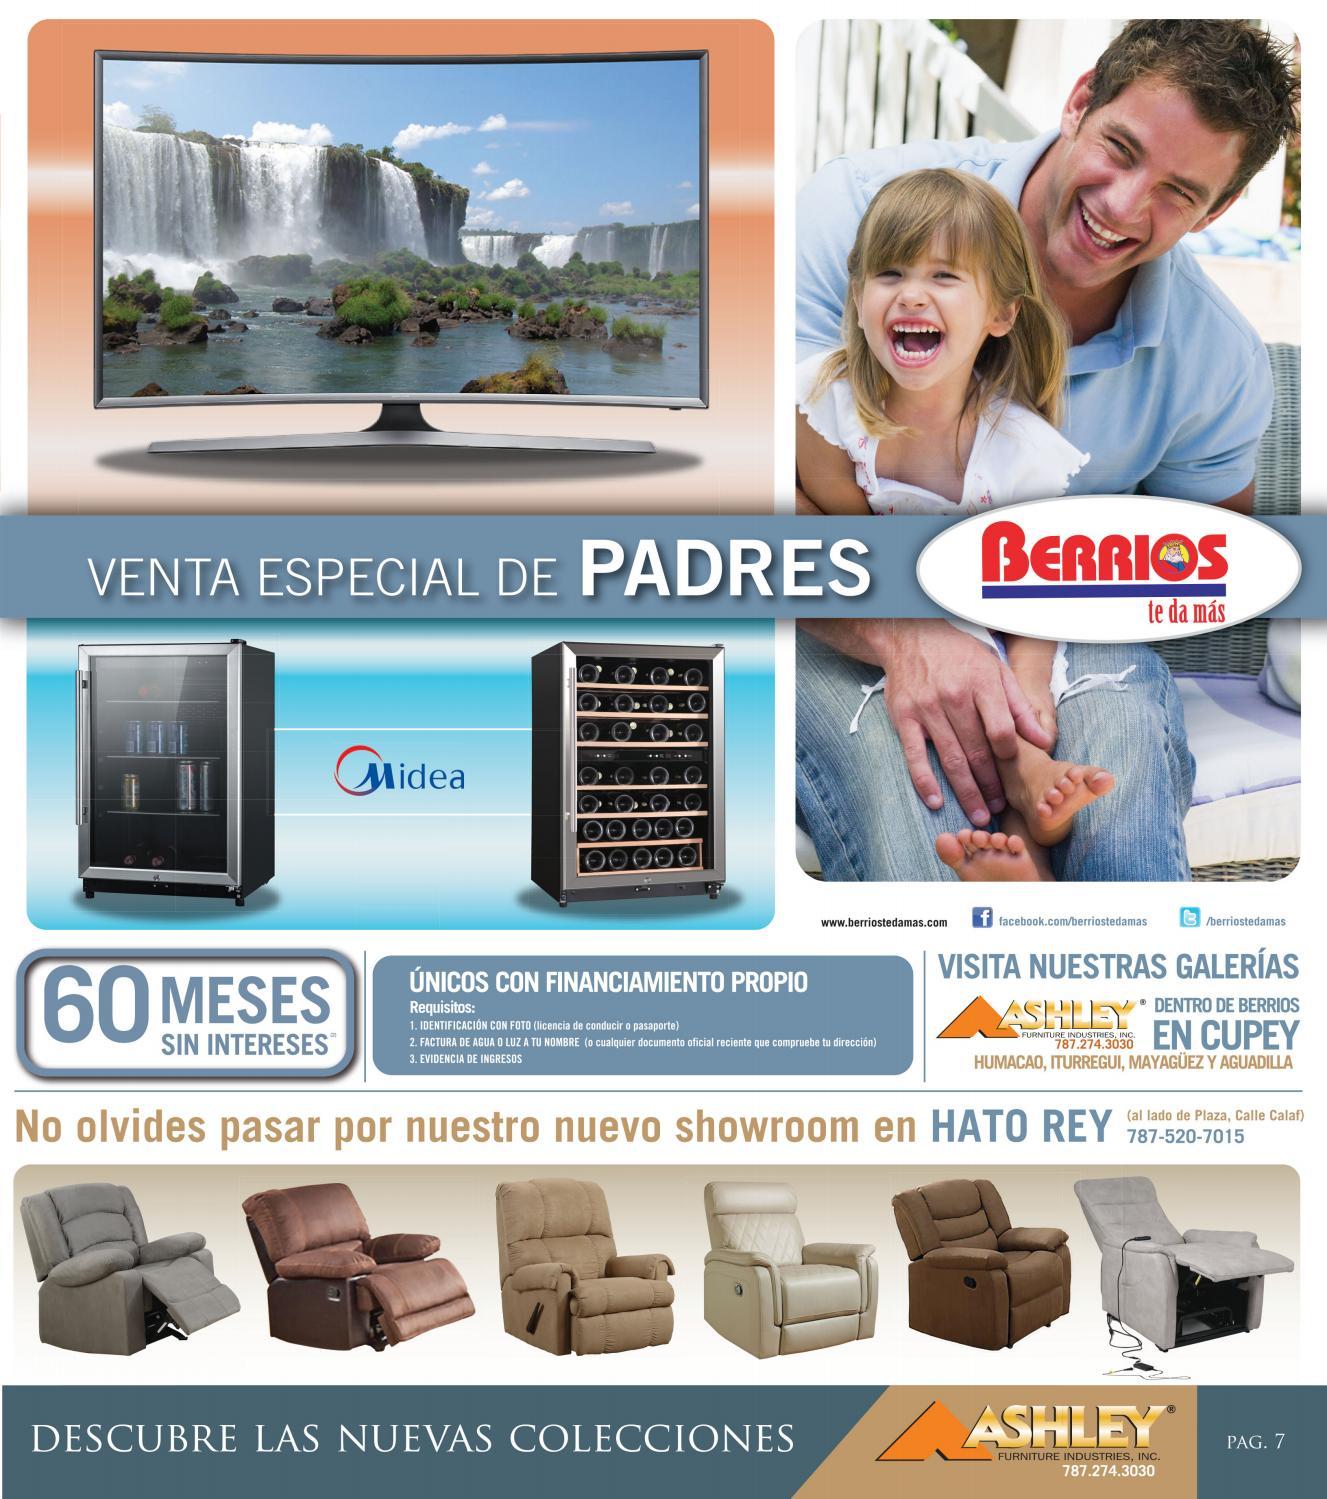 Mueblerias Berrios Shopper Venta Especial De Padres By Berrios  # Muebles Berrios Pr